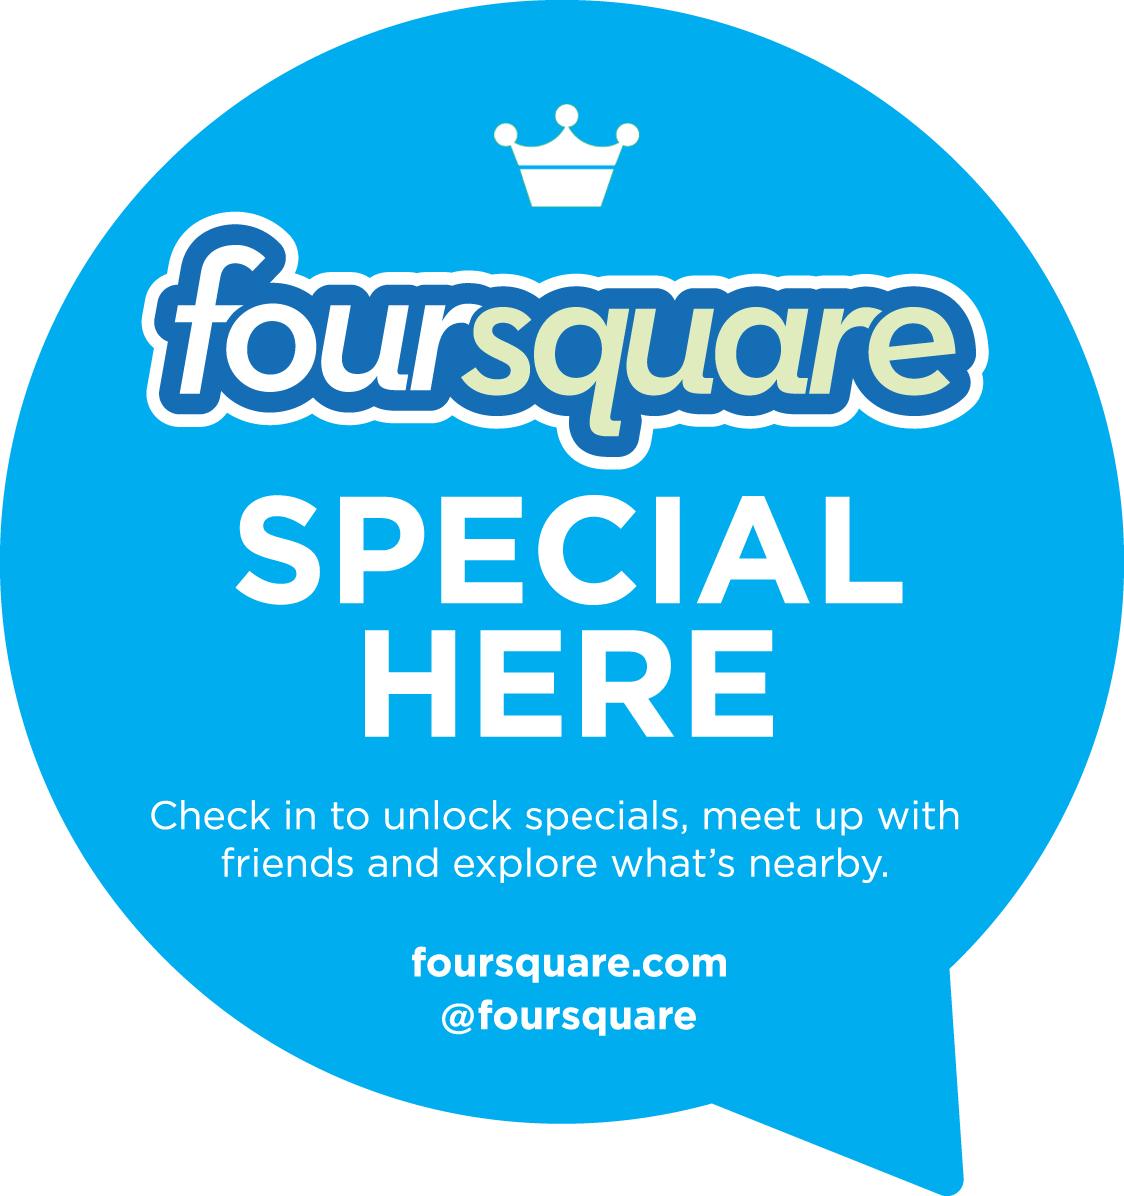 Promociones en Foursquare